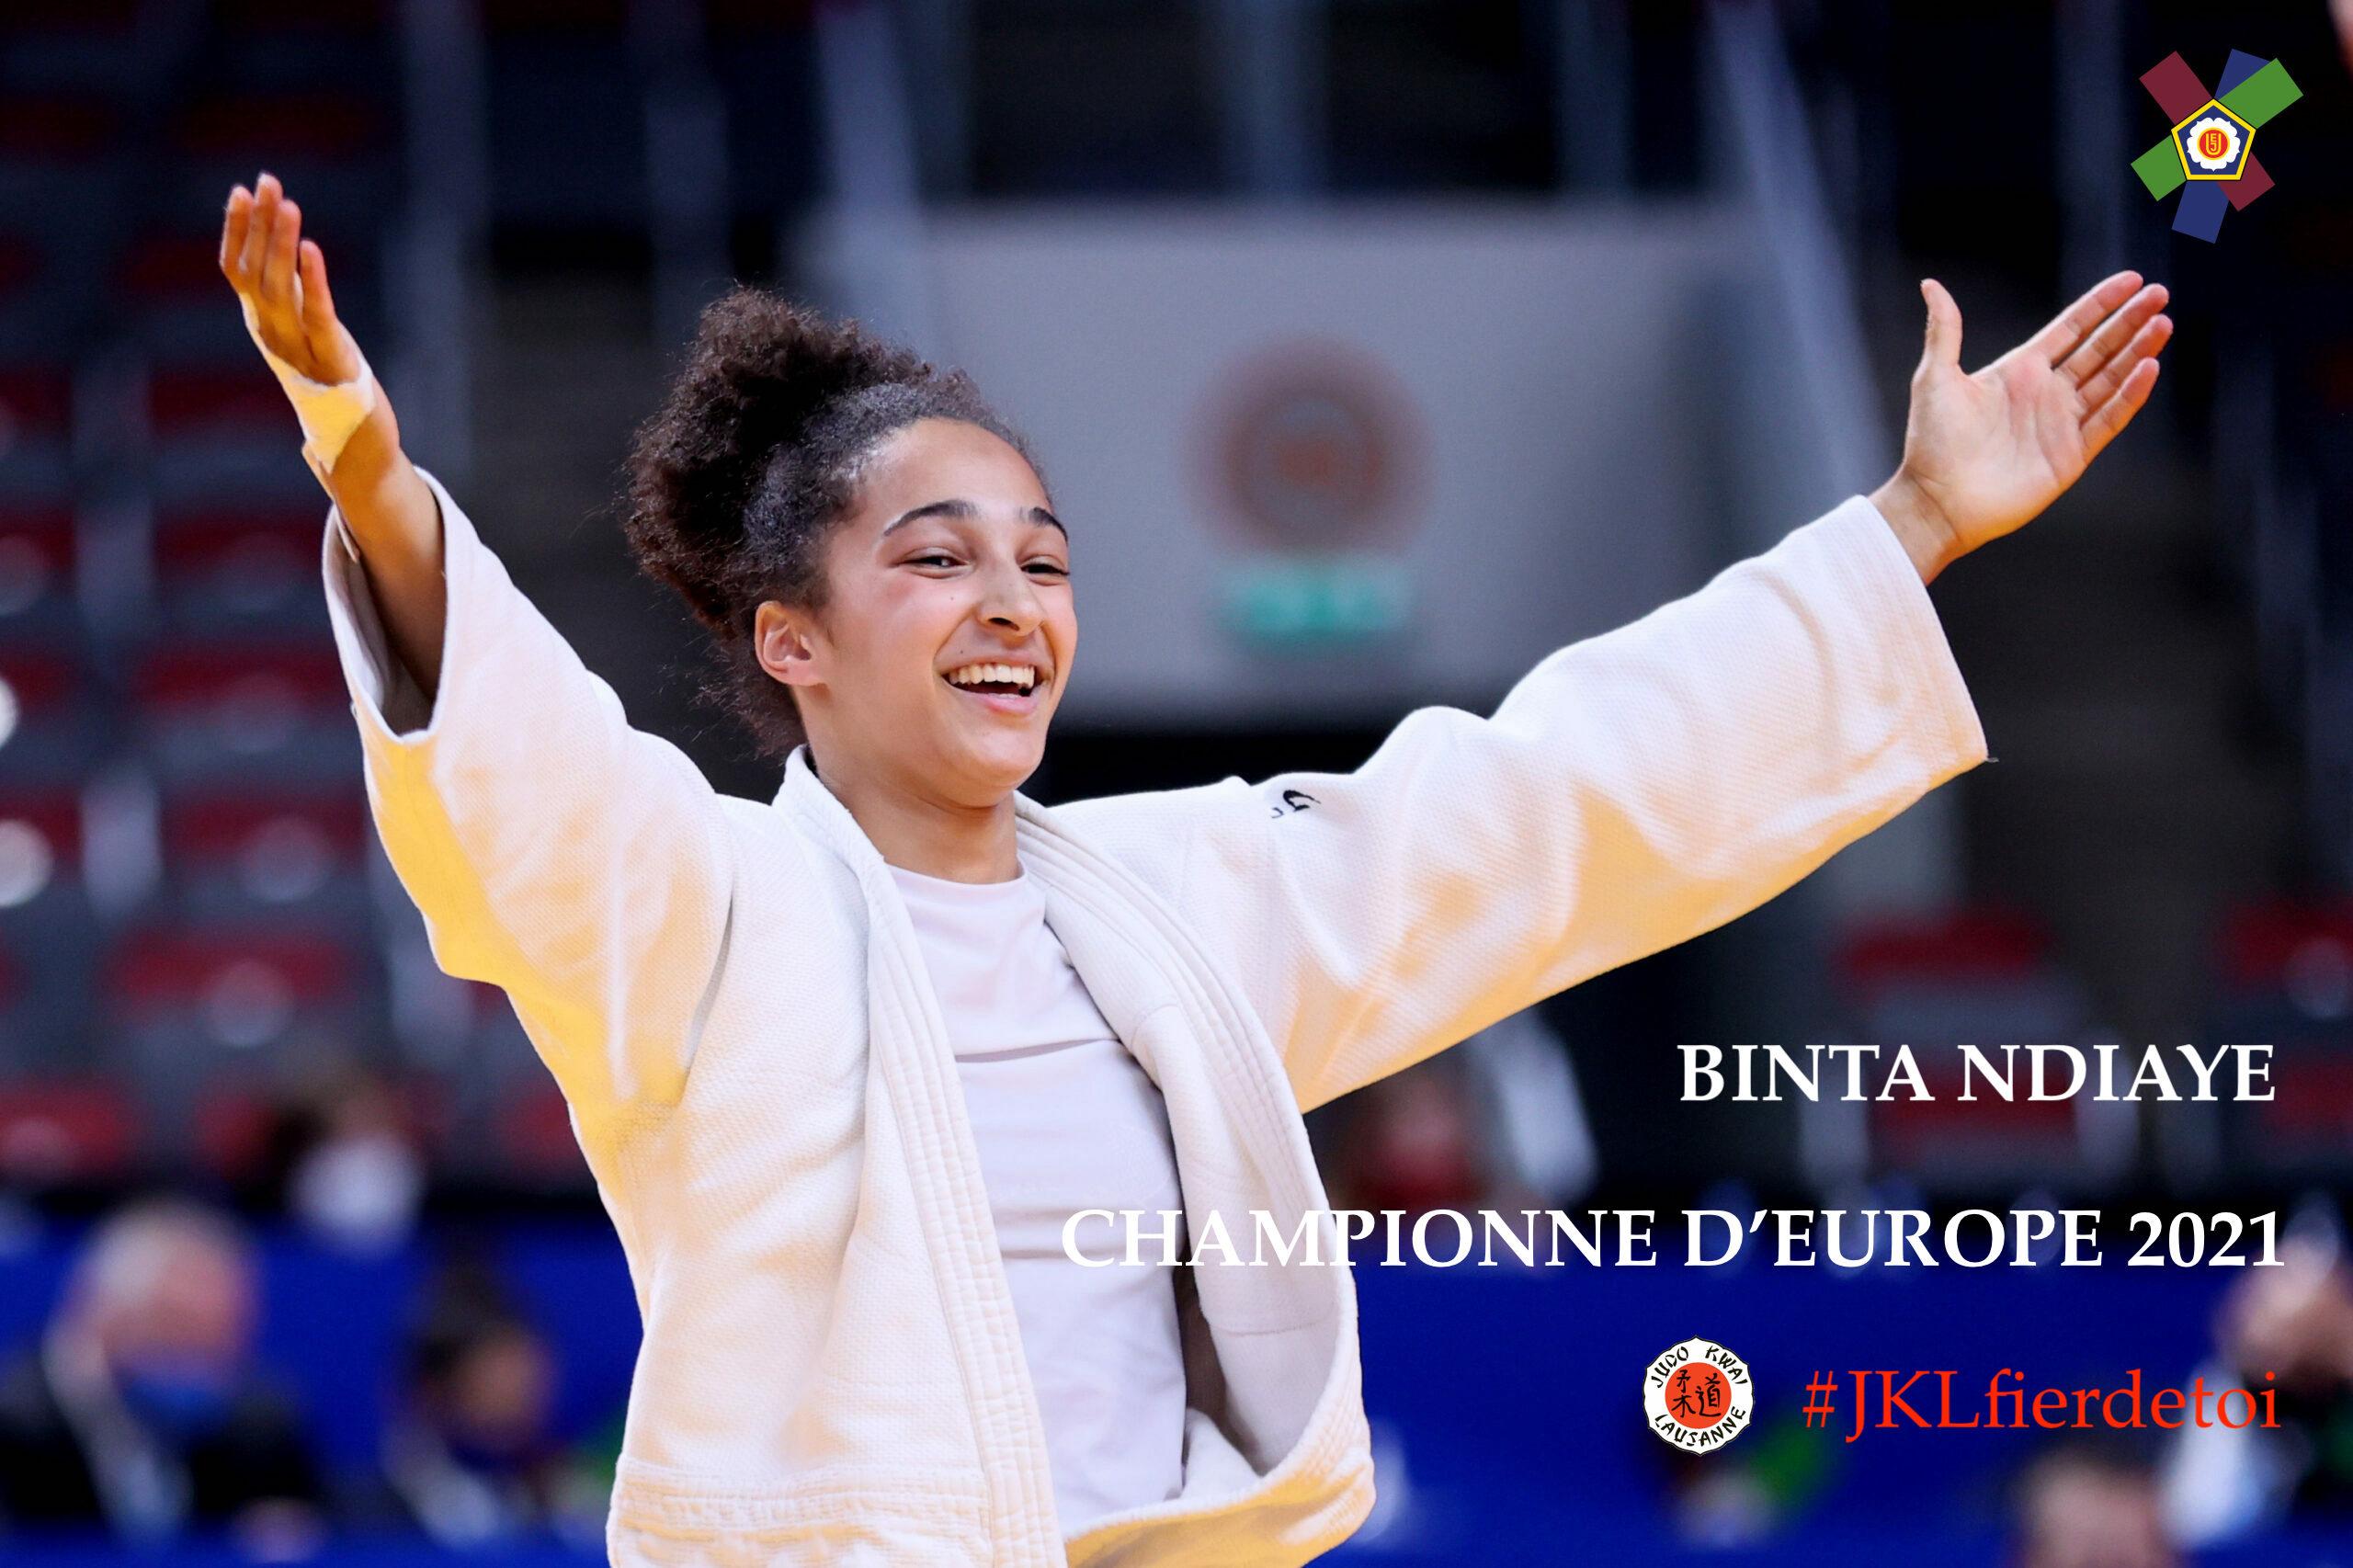 Binta Ndiaye, Championne d'Europe des moins de 18 ans!